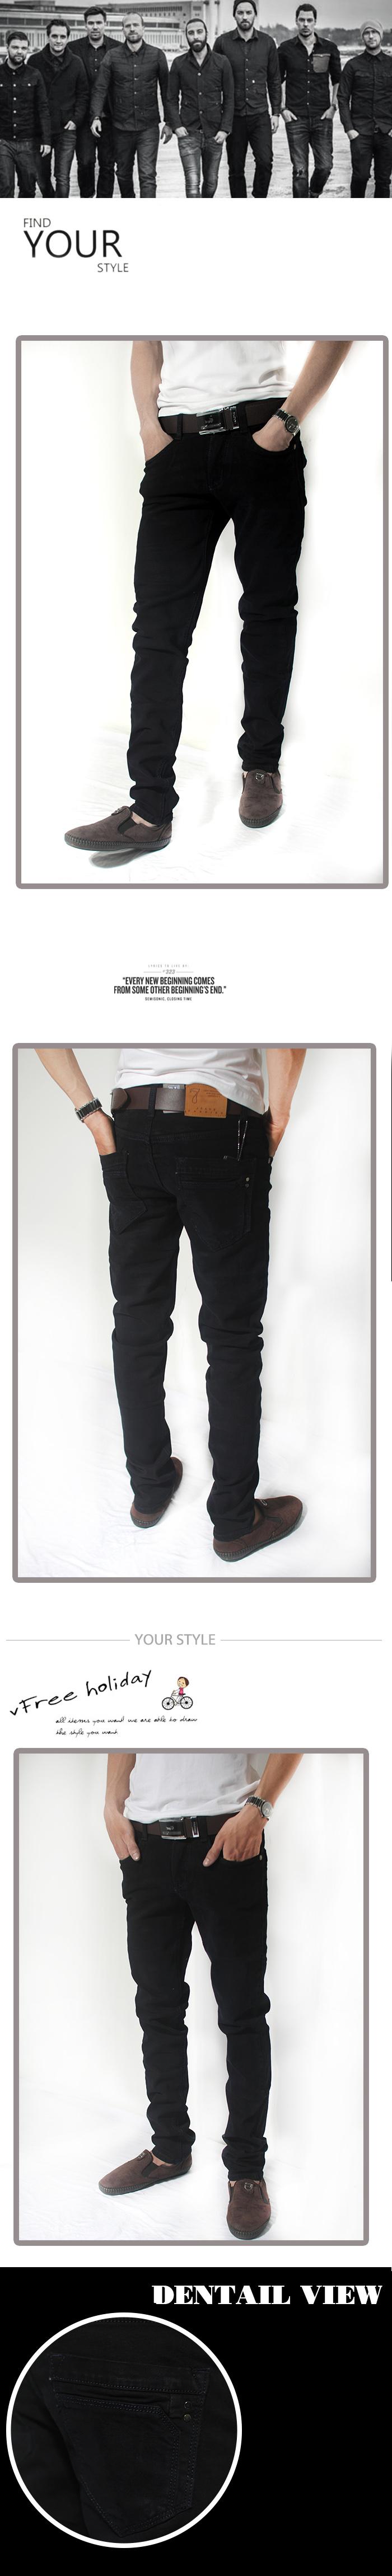 Quần jean đen qj1187 - 1